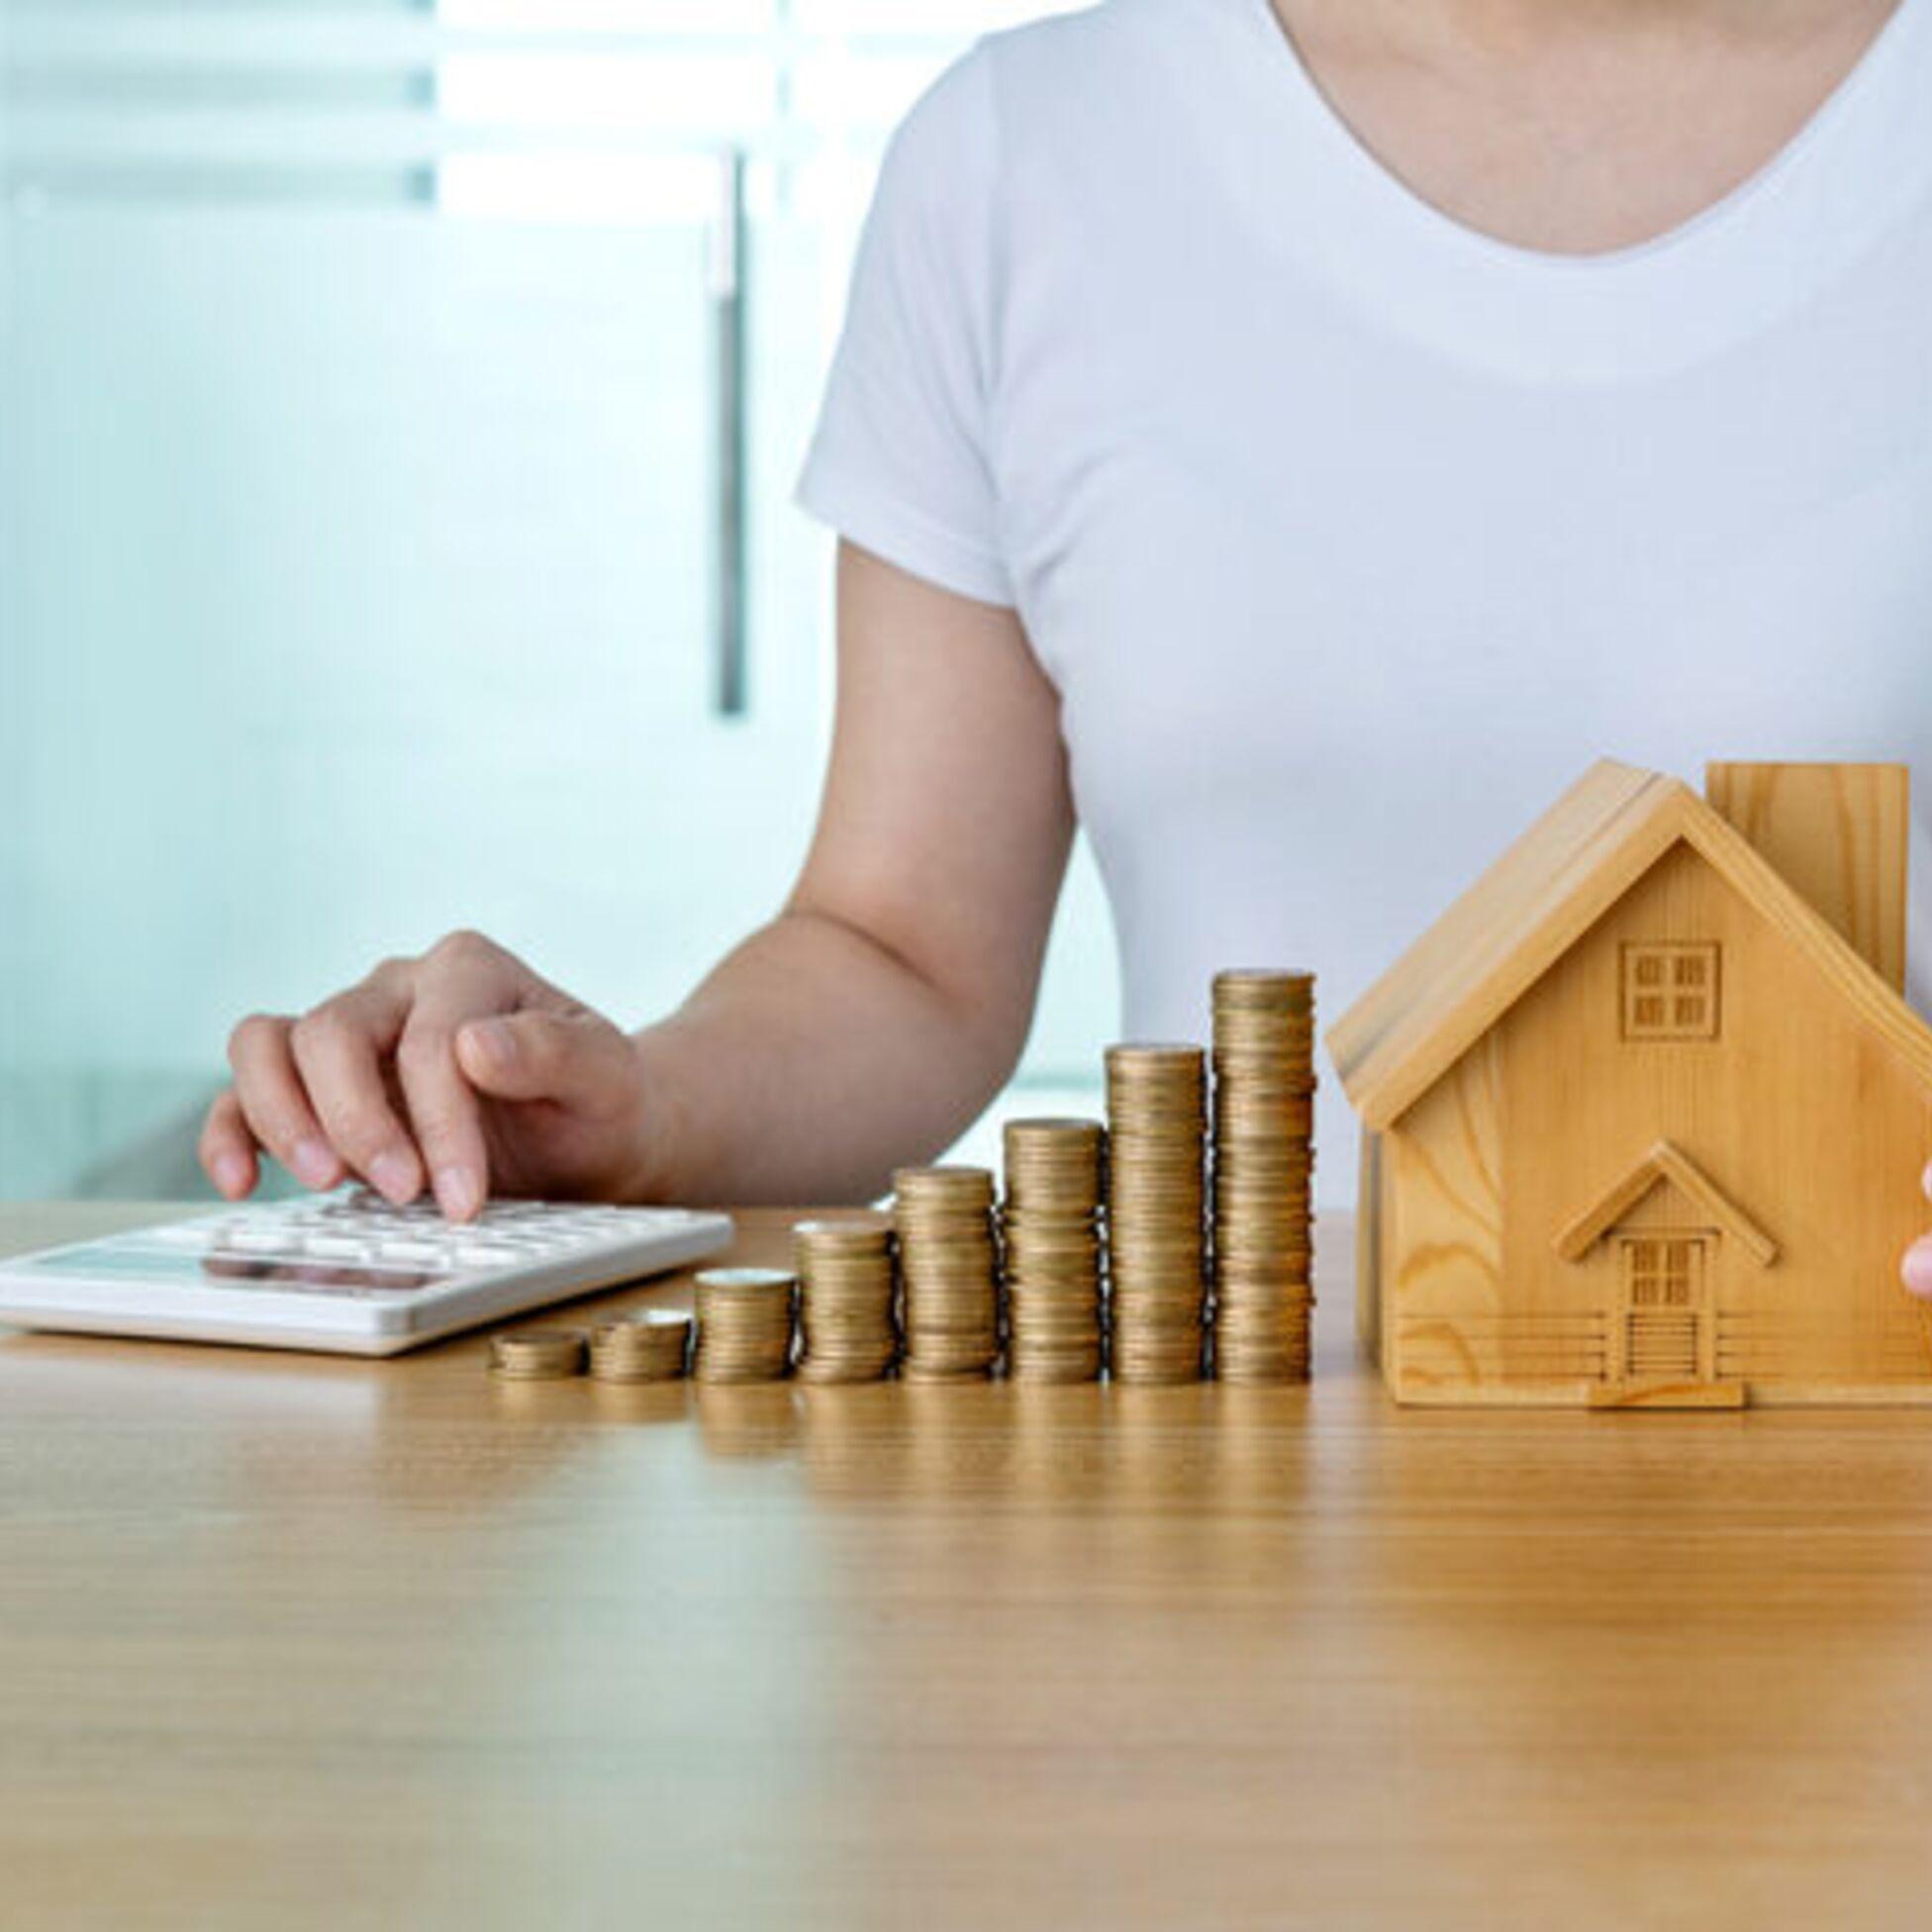 Frau berechnet Kosten für Hausbau